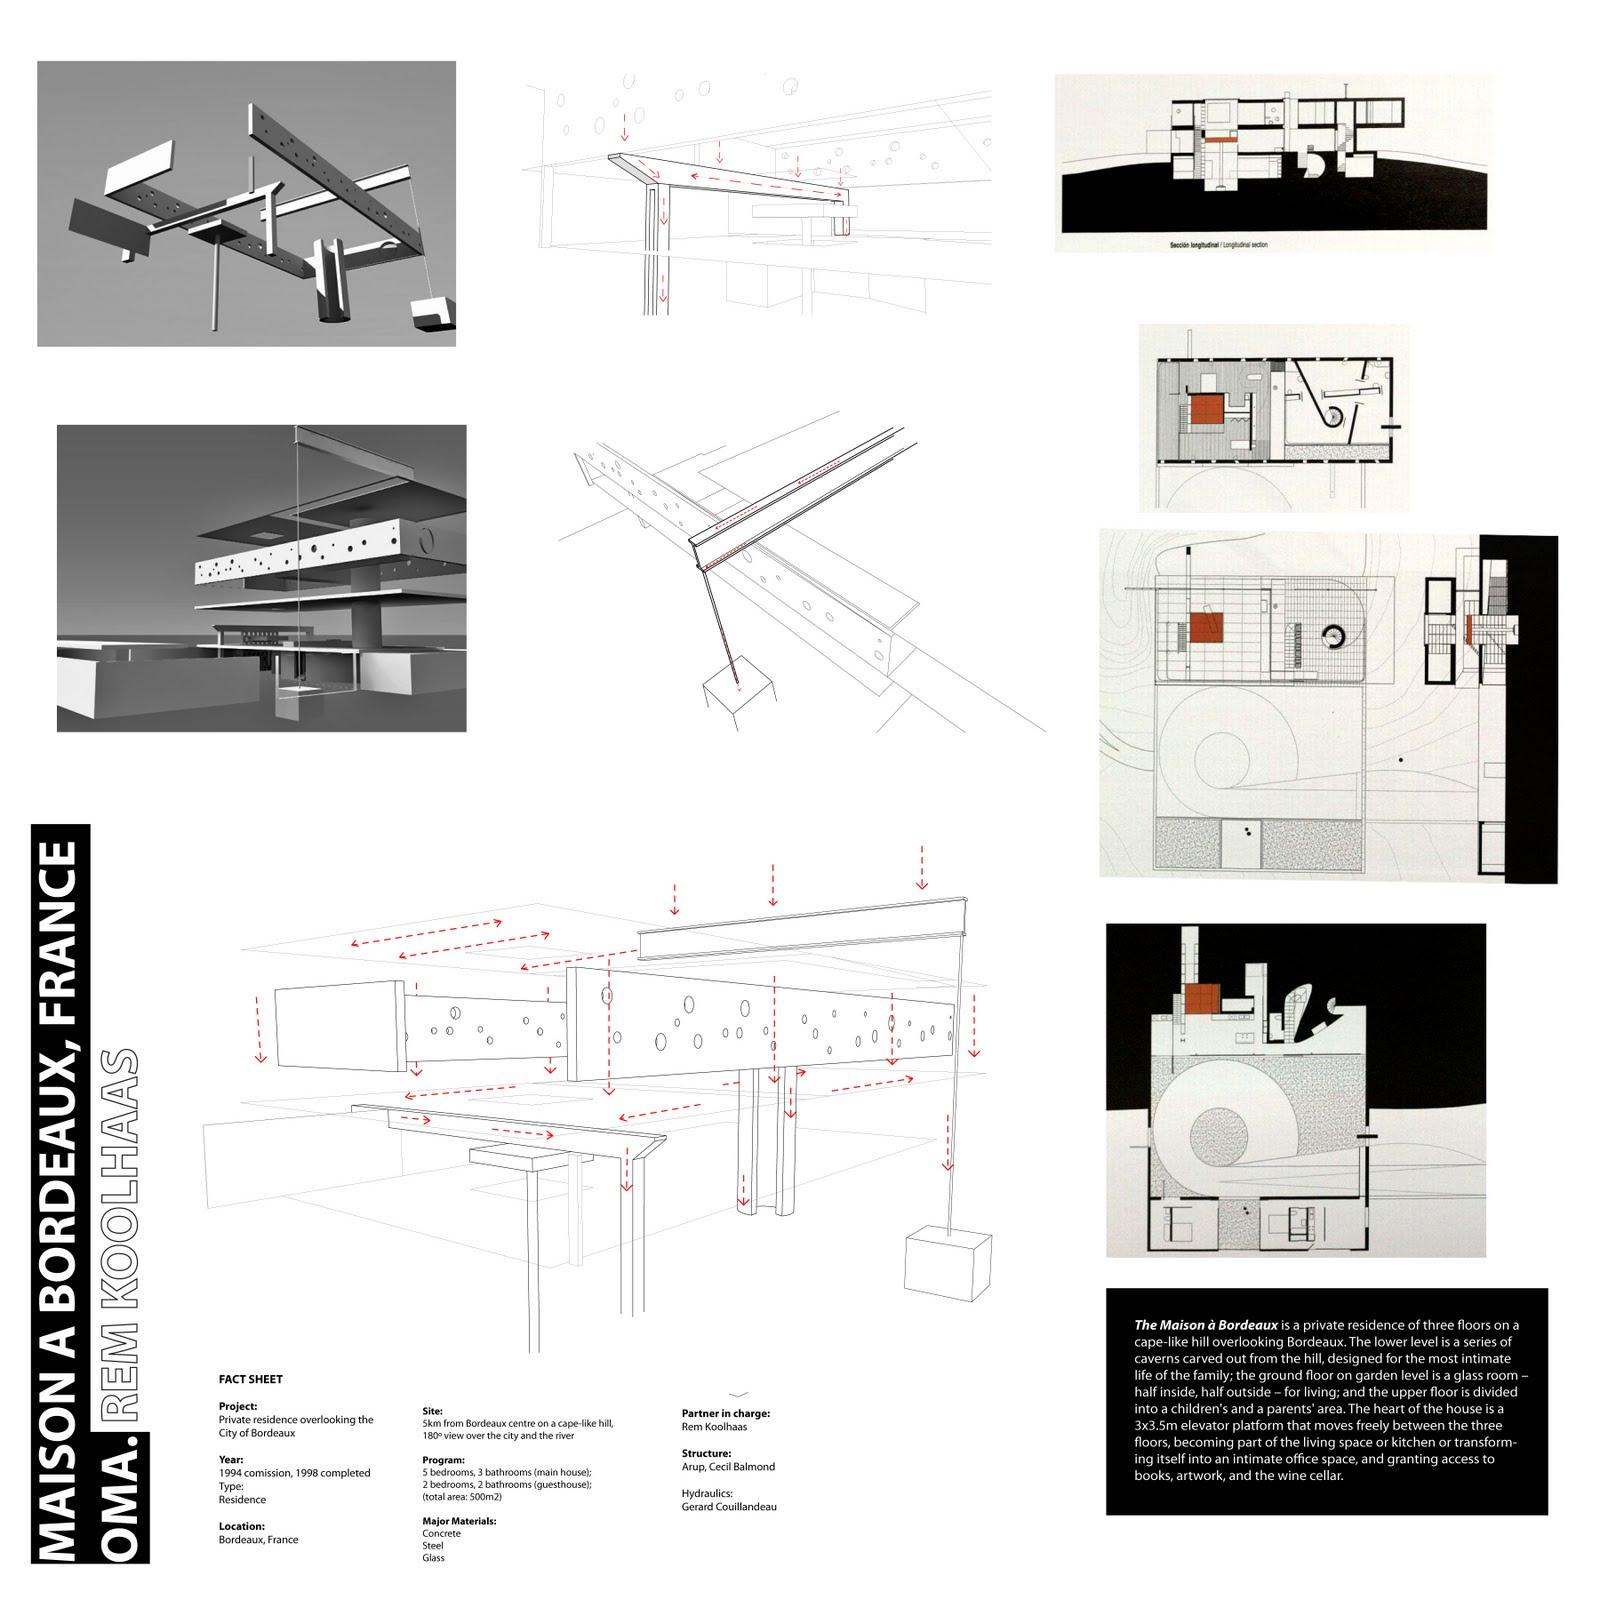 Luis martin medina arch 3501 maison a bordeaux rem koolhaas - Maison de l architecture bordeaux ...